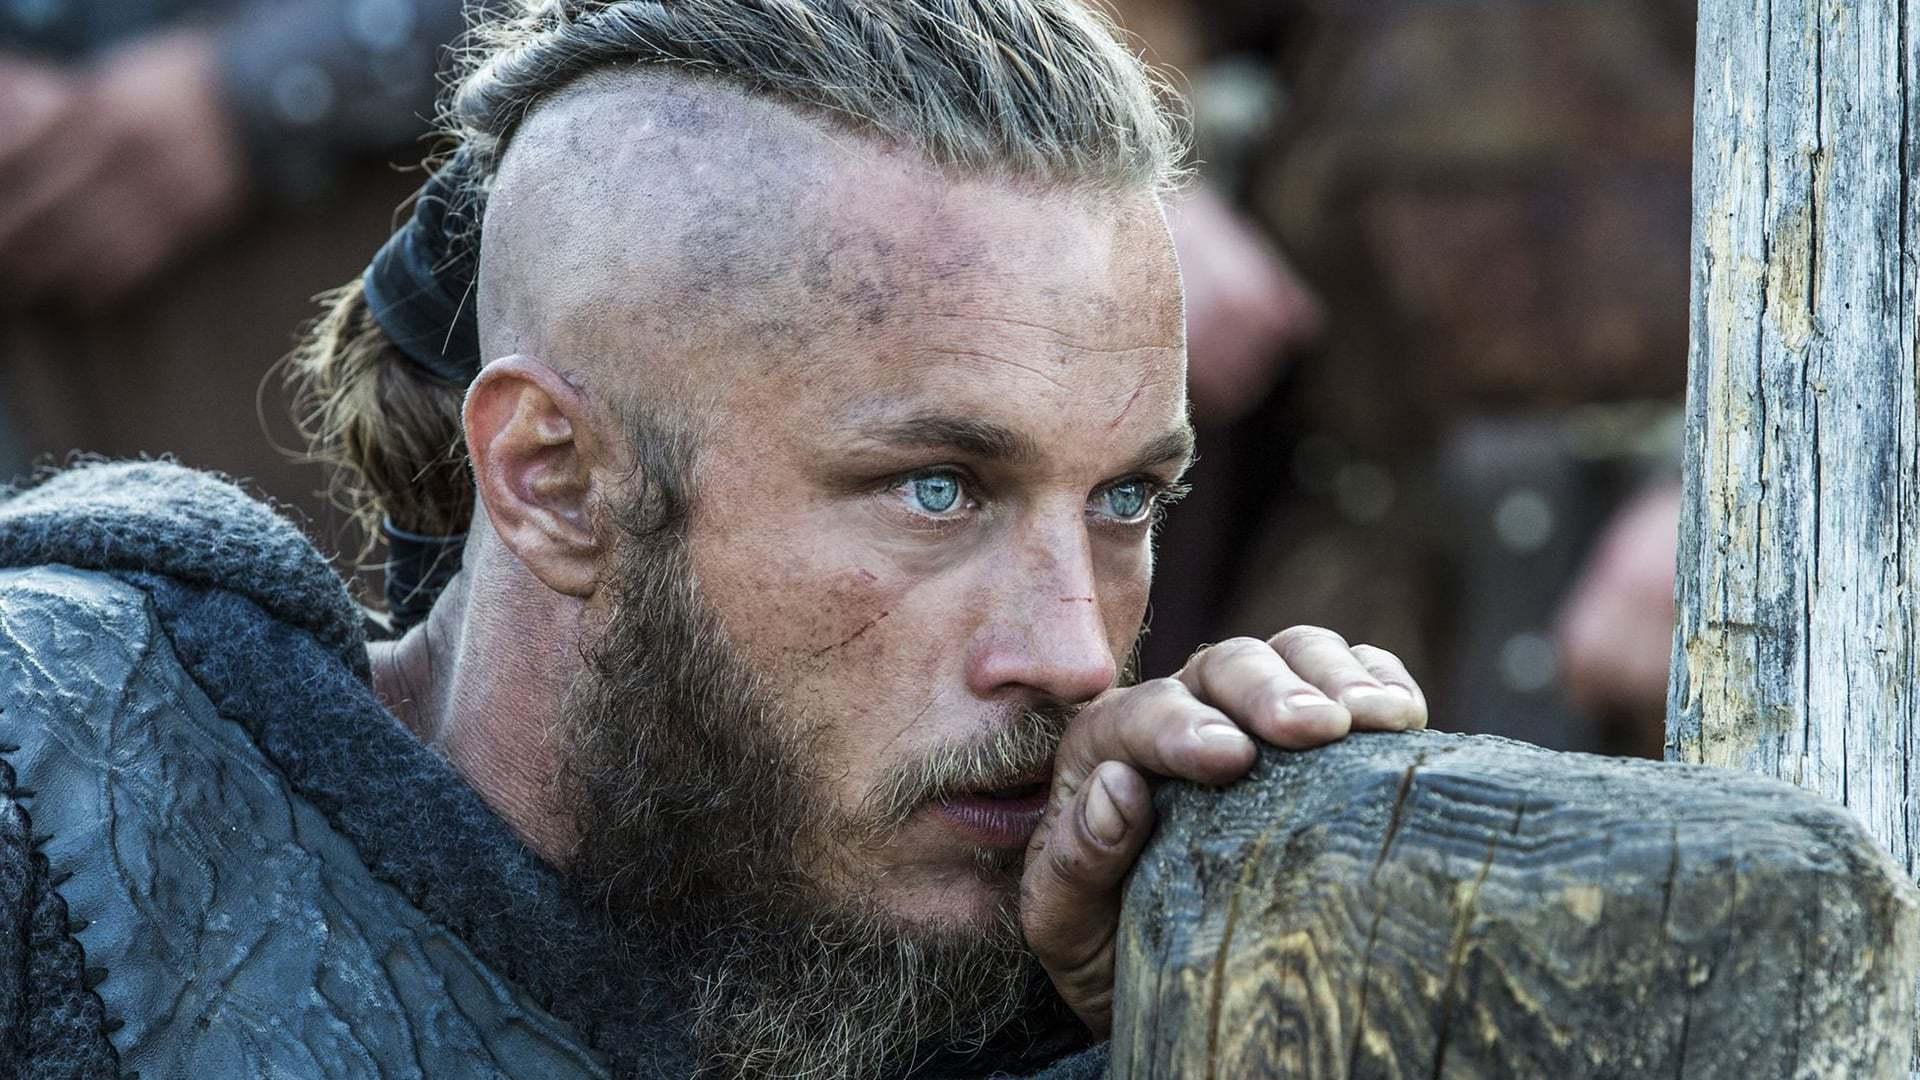 Ragnar Lothbrok Wallpaper